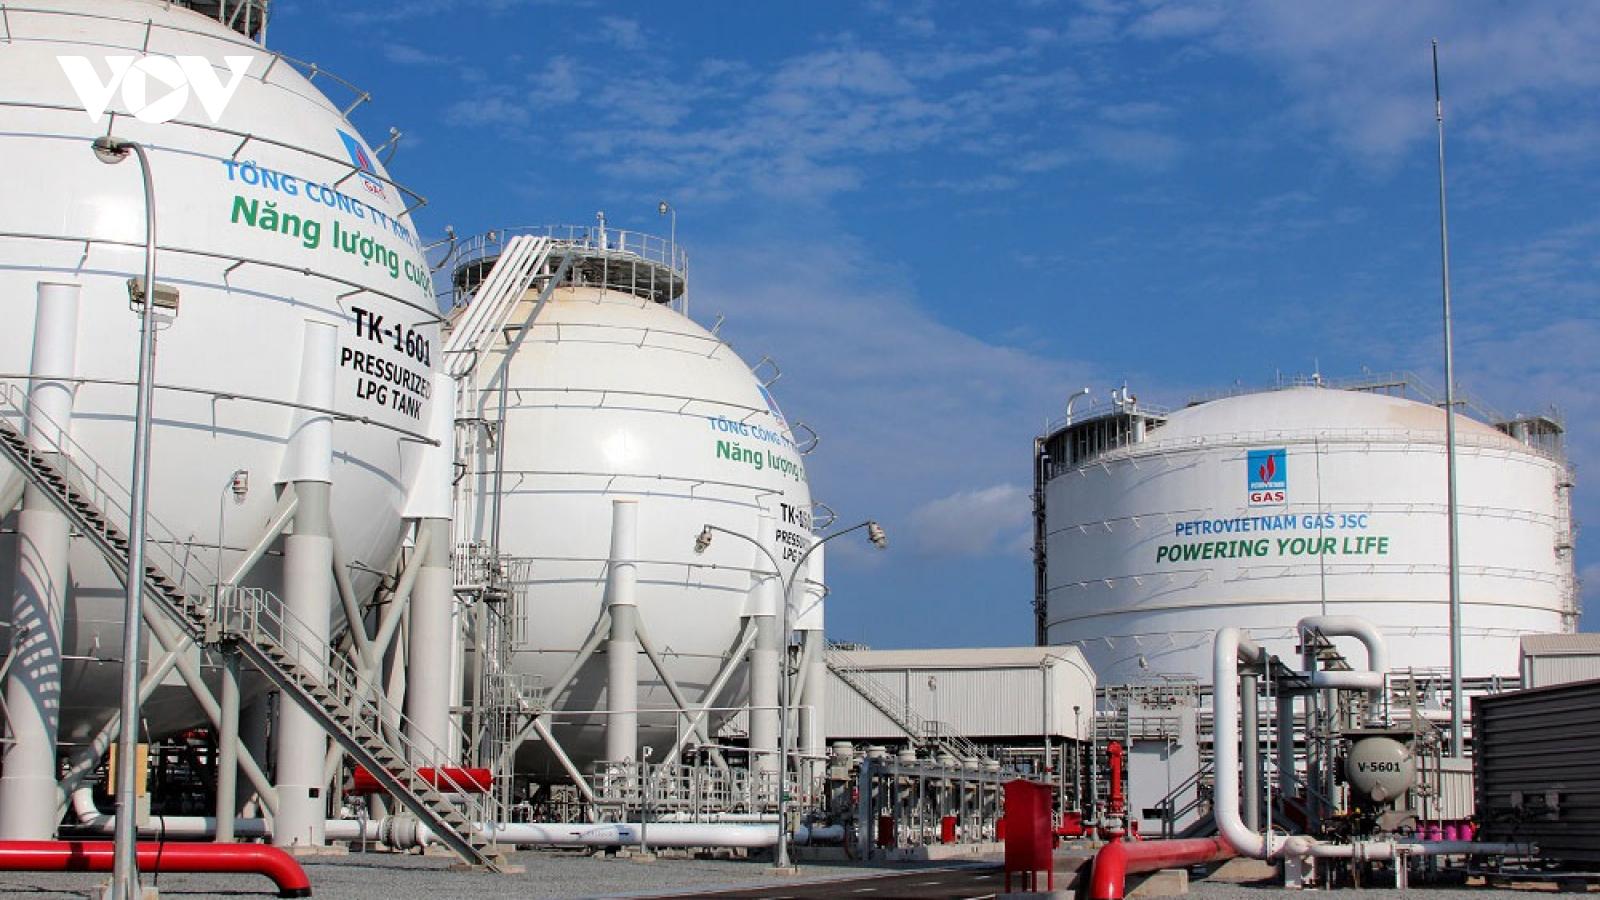 Tăng nhập khẩu than và khí làm giảm khả năng tự chủ về năng lượng